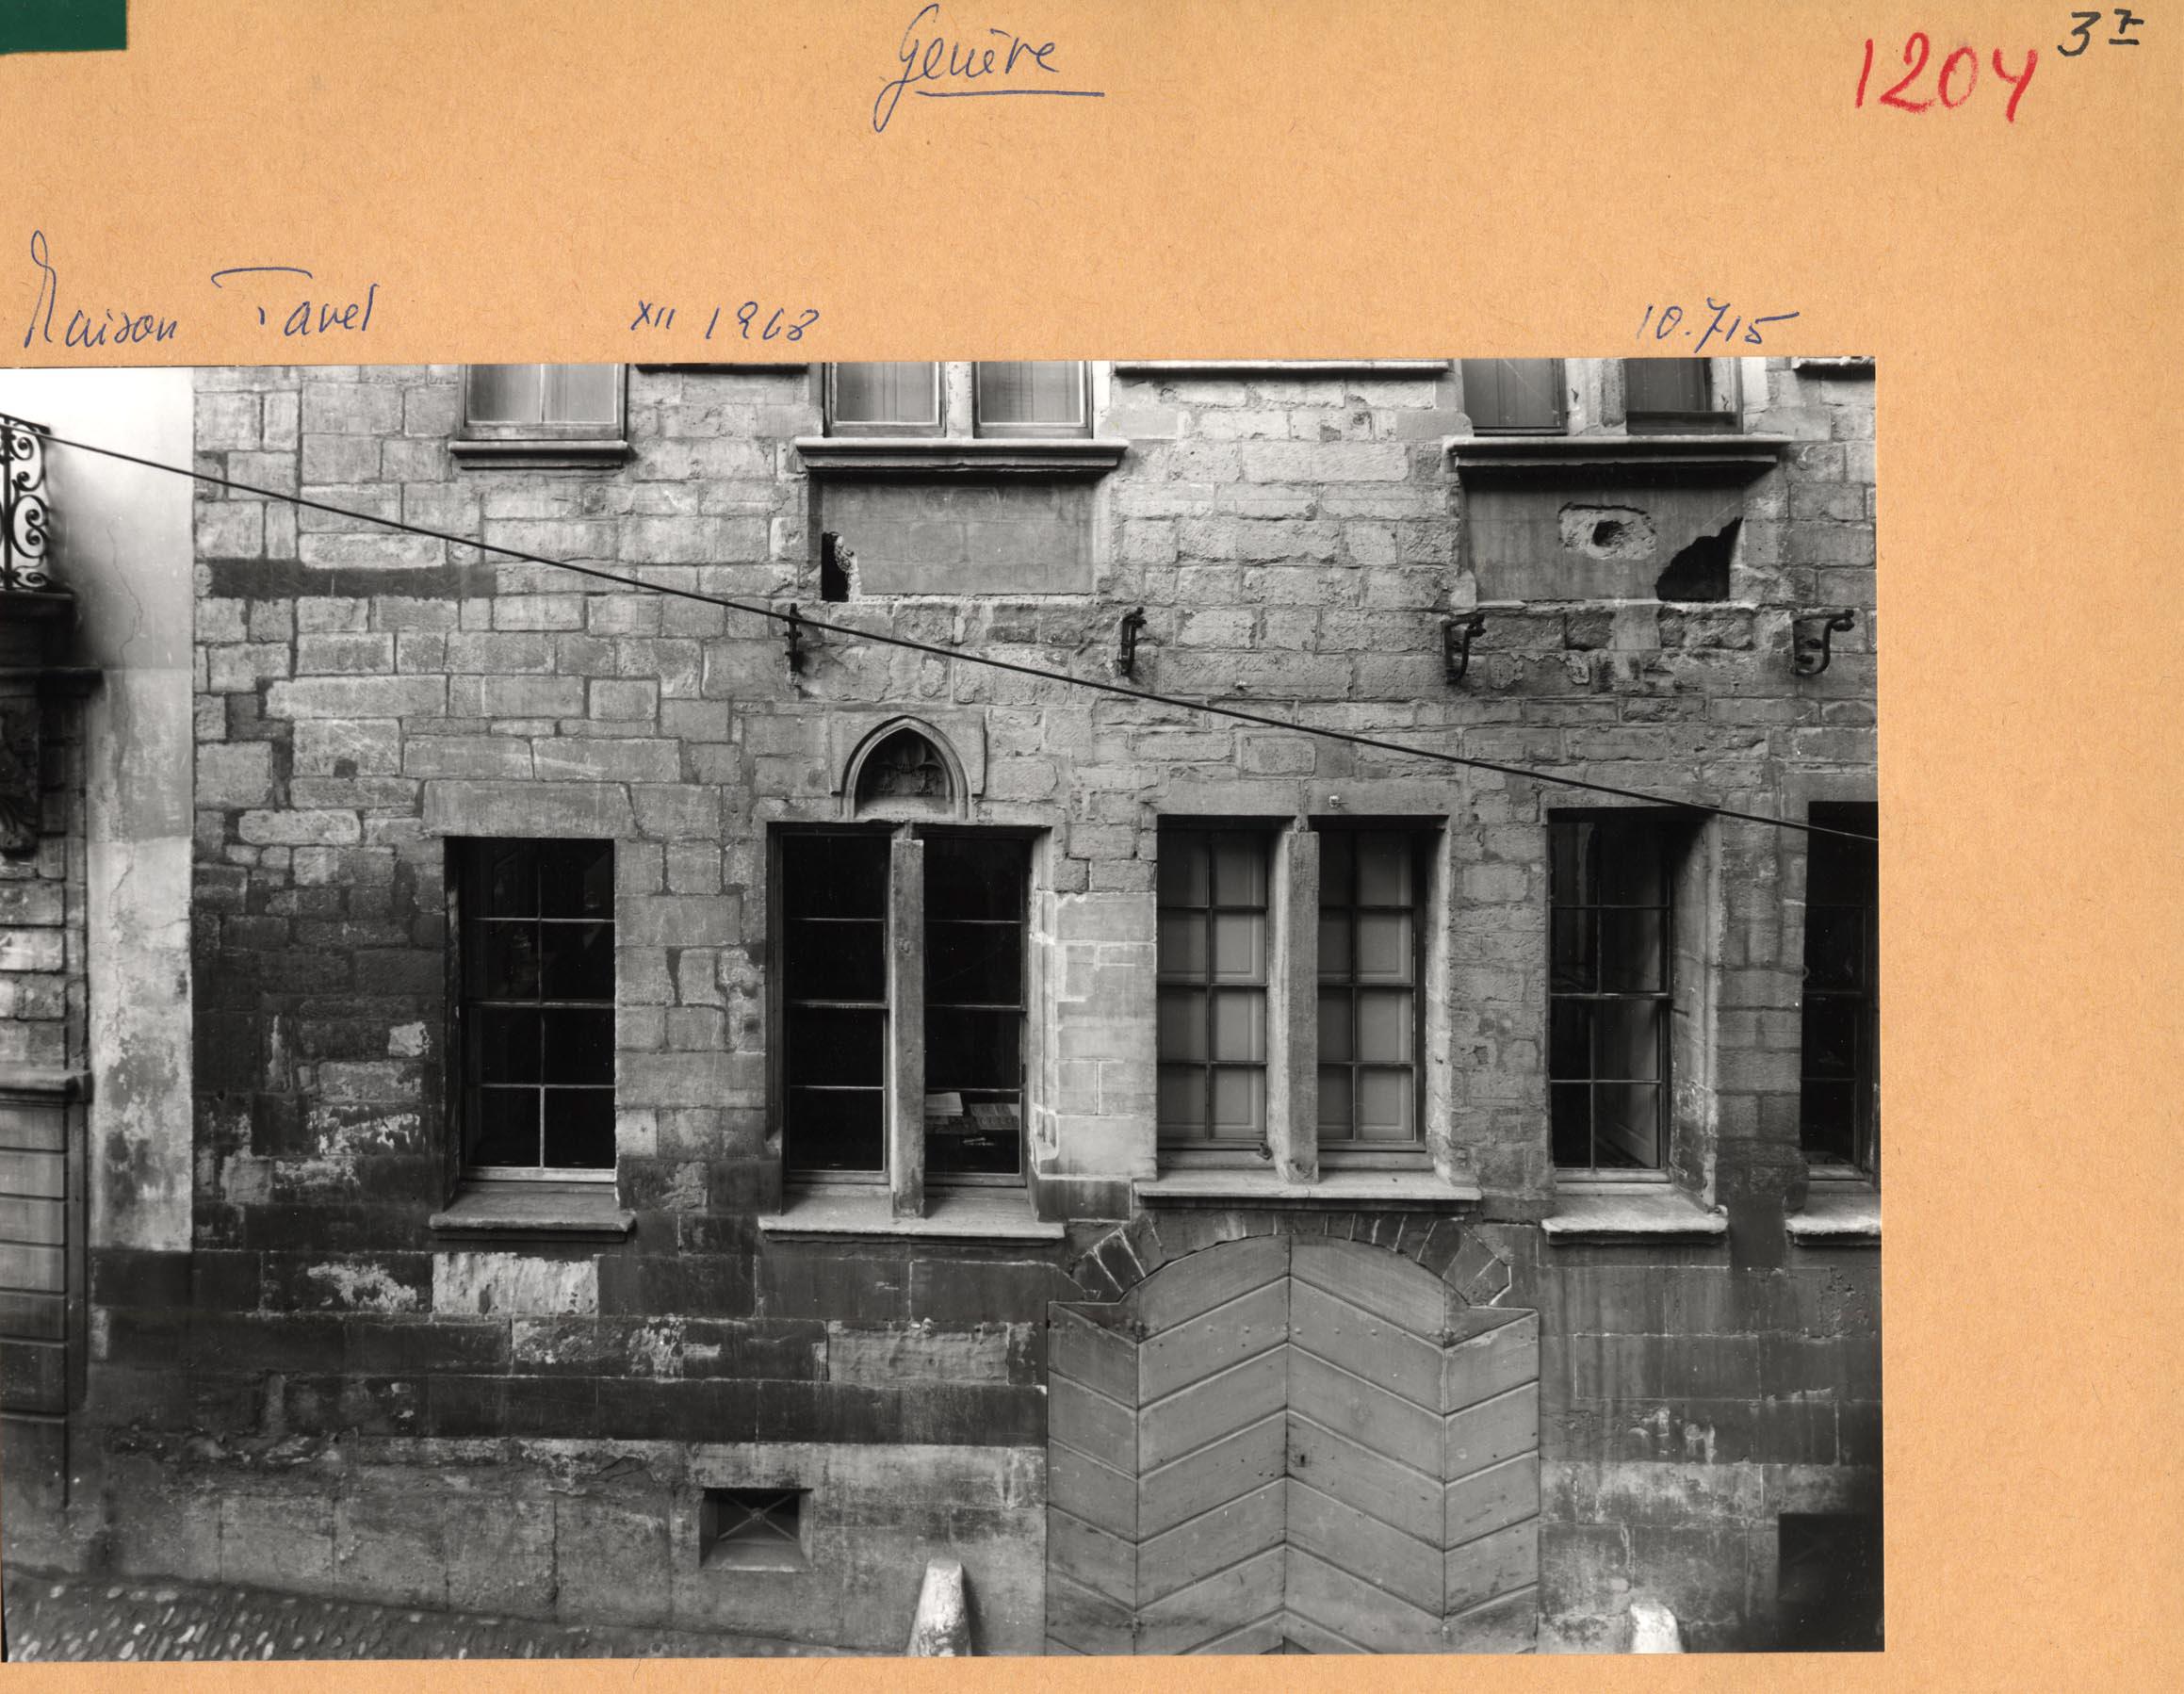 Genève, rue du Puits-Saint-Pierre: maison Tavel